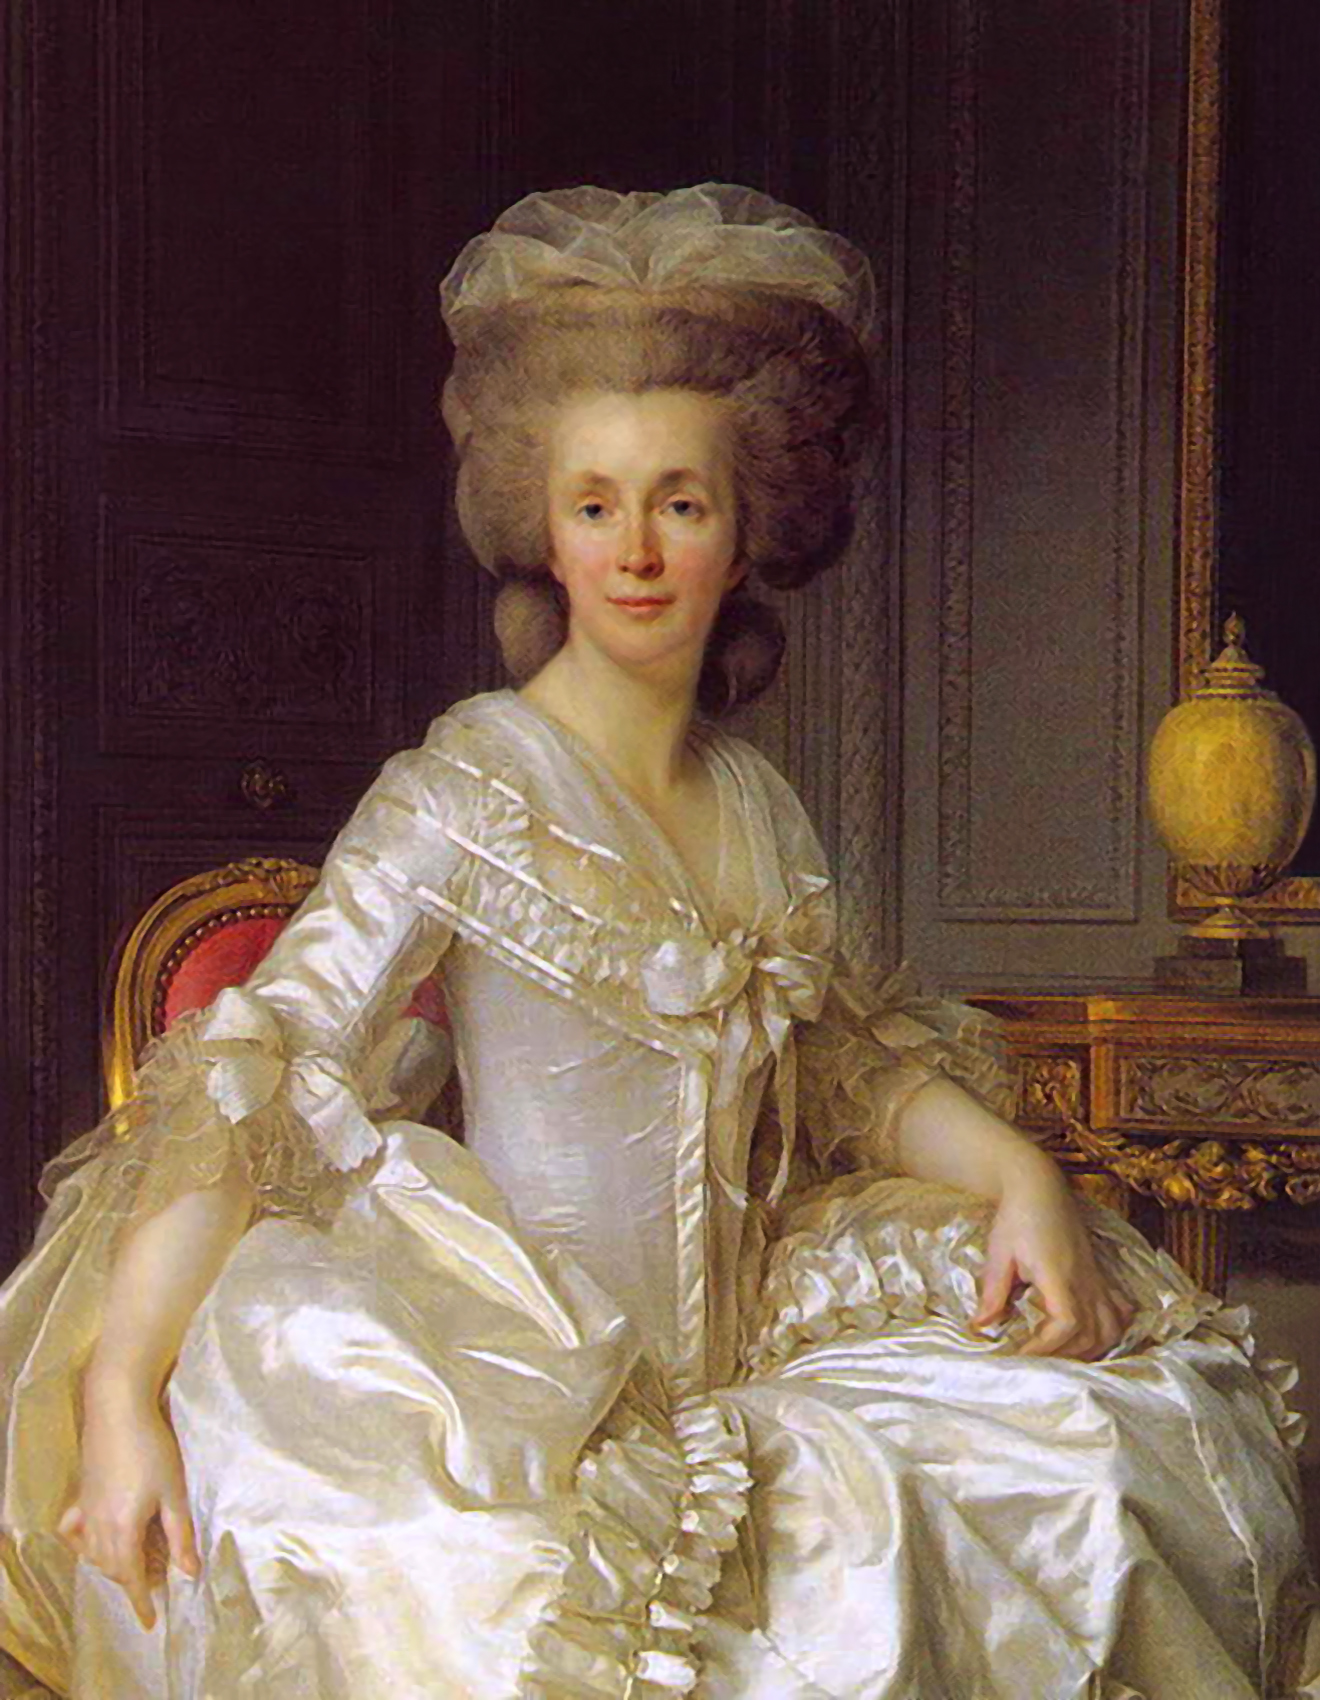 Fichier:Duplessis - Suzanne Curchod, Madame Necker.jpg — Wikipédia